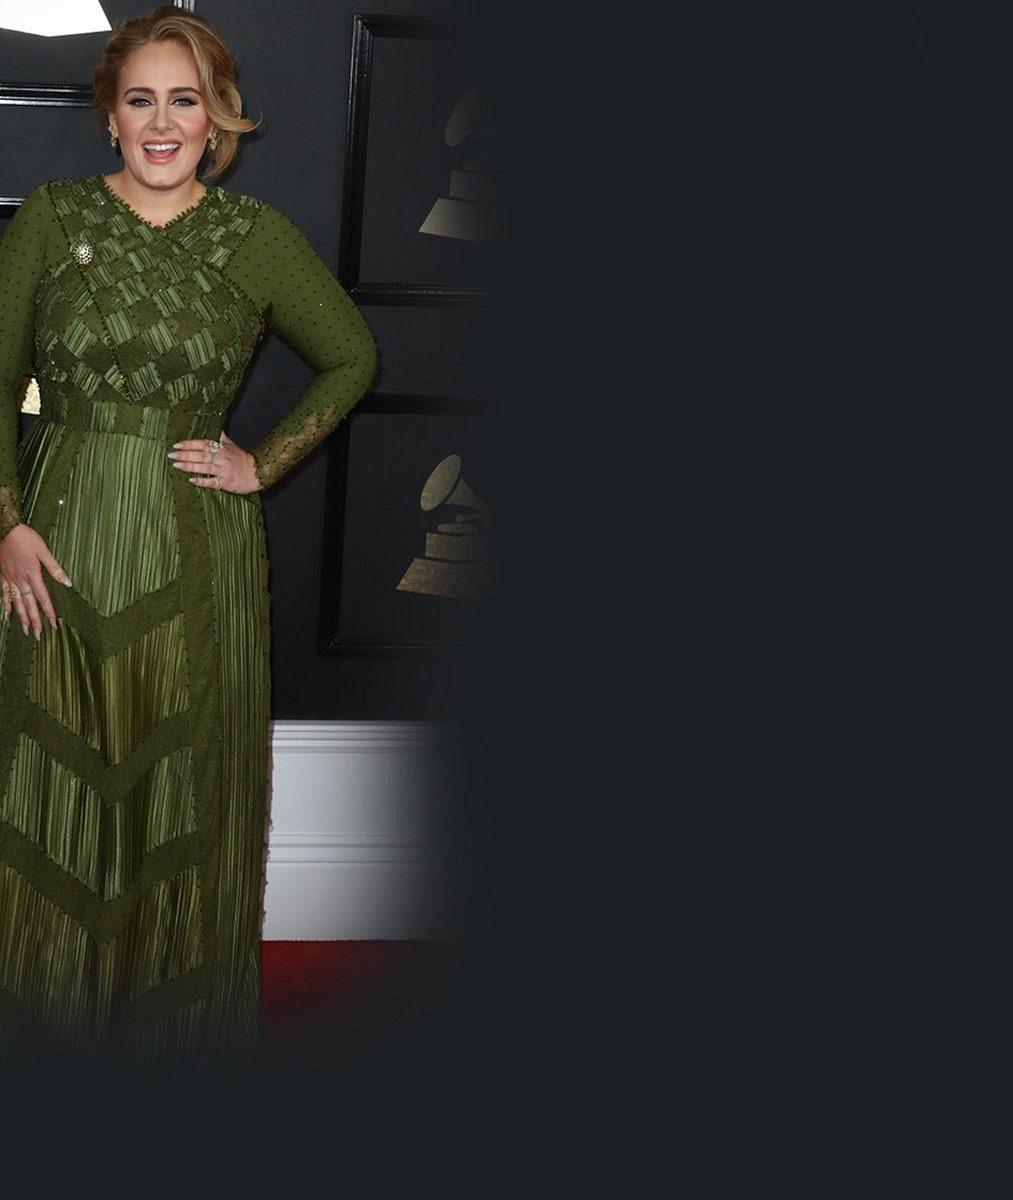 Božská, úžasná, jsi to ty? vzkazují fanoušci: O40kilo lehčí Adele šokovala svět. Atentokrát ne muzikou